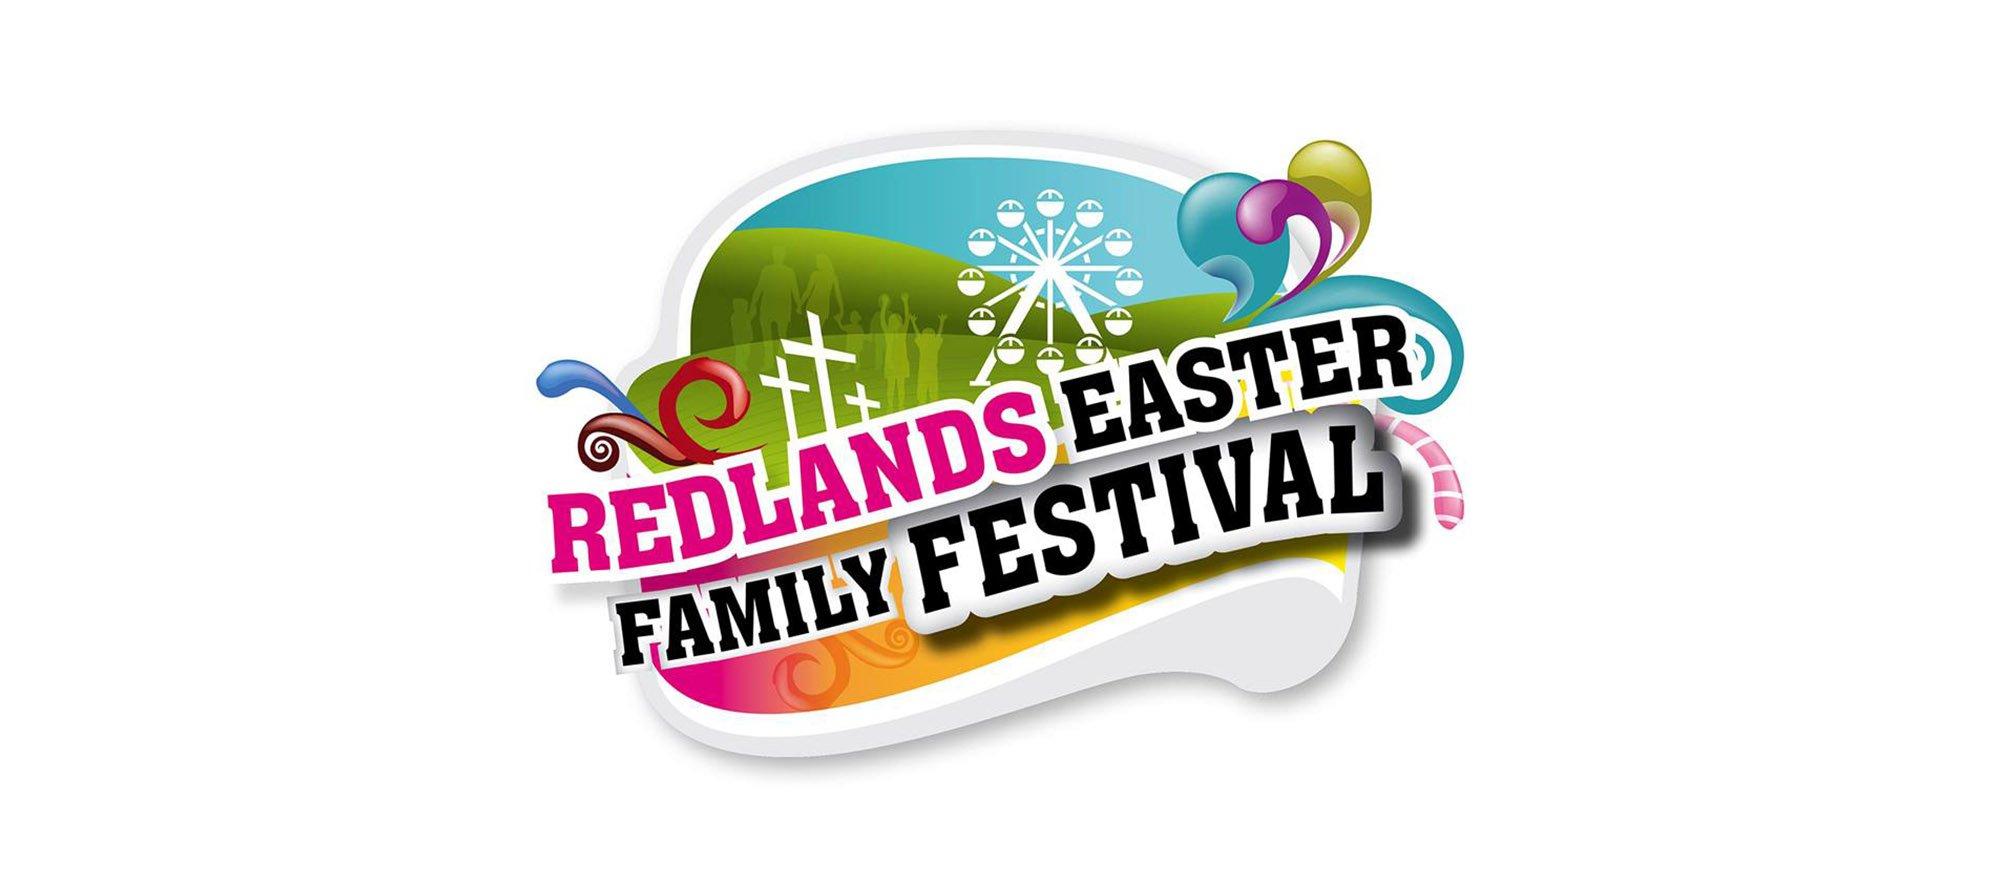 Redlands Family Easter Festival - logo design